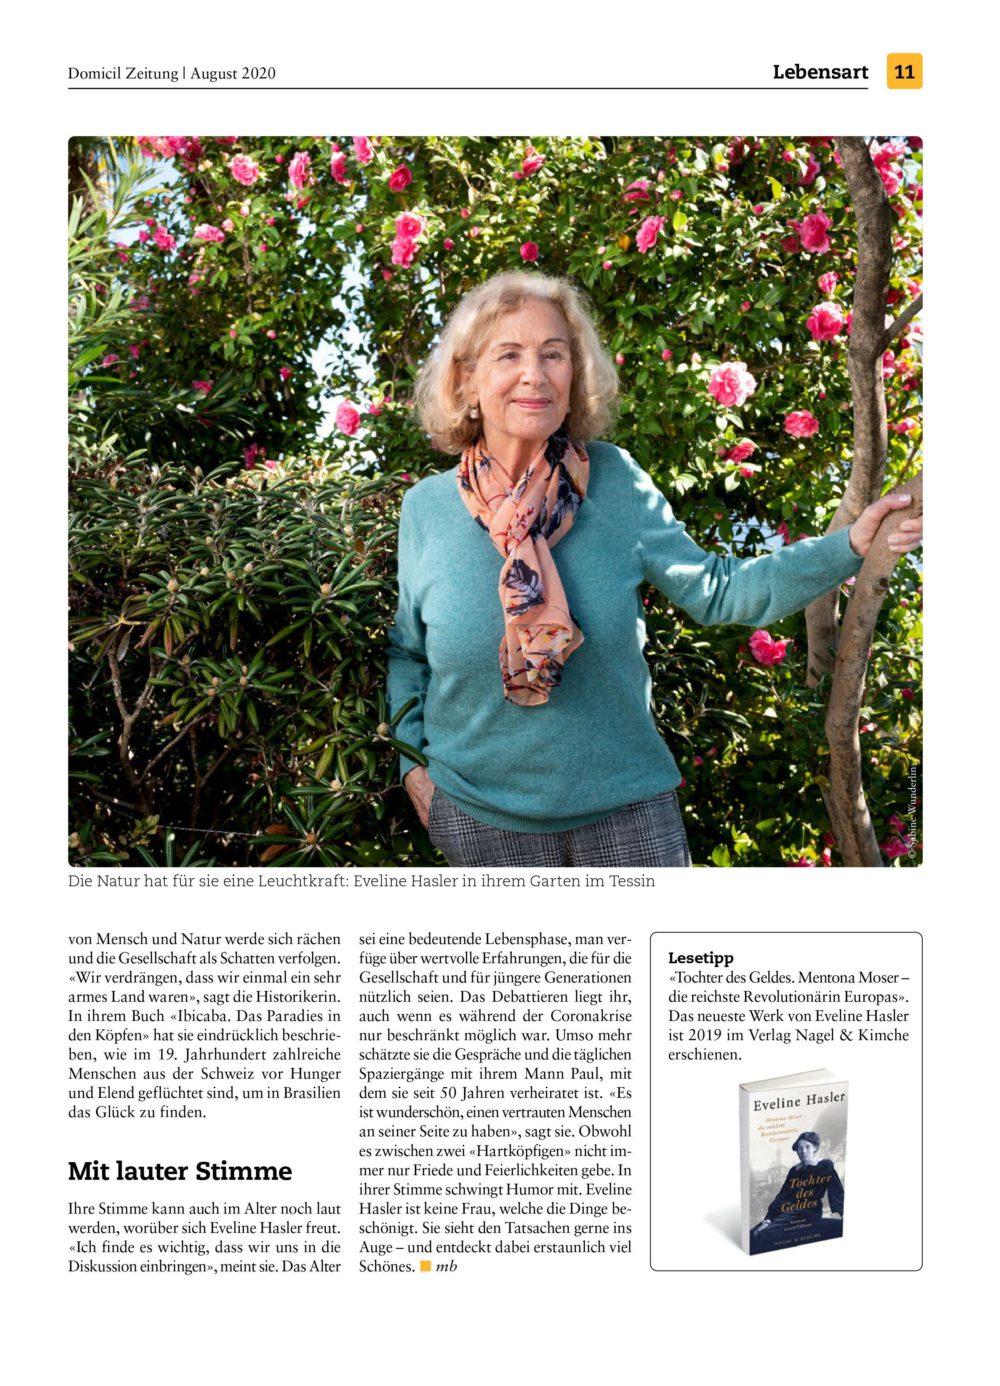 Domicil Zeitung, Eveline Hasler, Bachmann Kommunikation